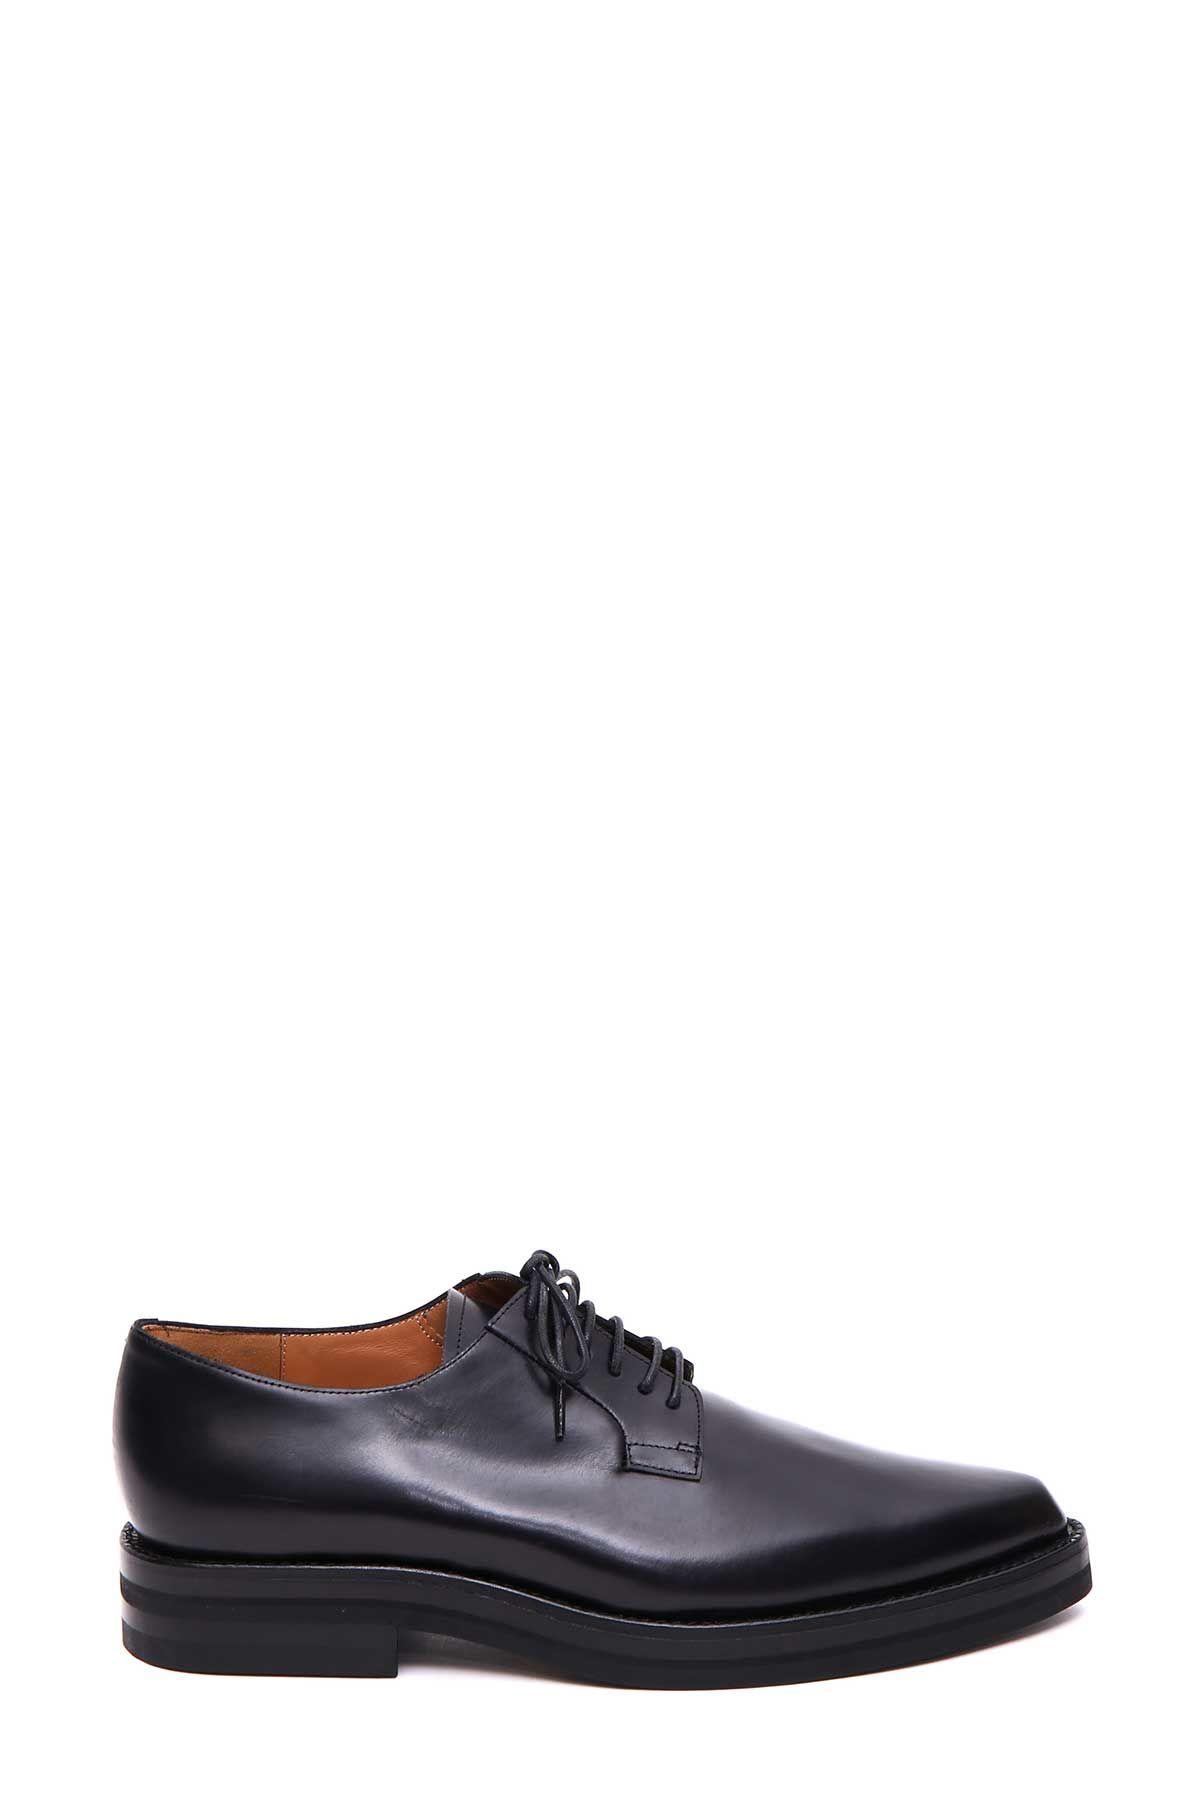 Dries Van Noten Dries Van Noten Leather Lace Up Shoes